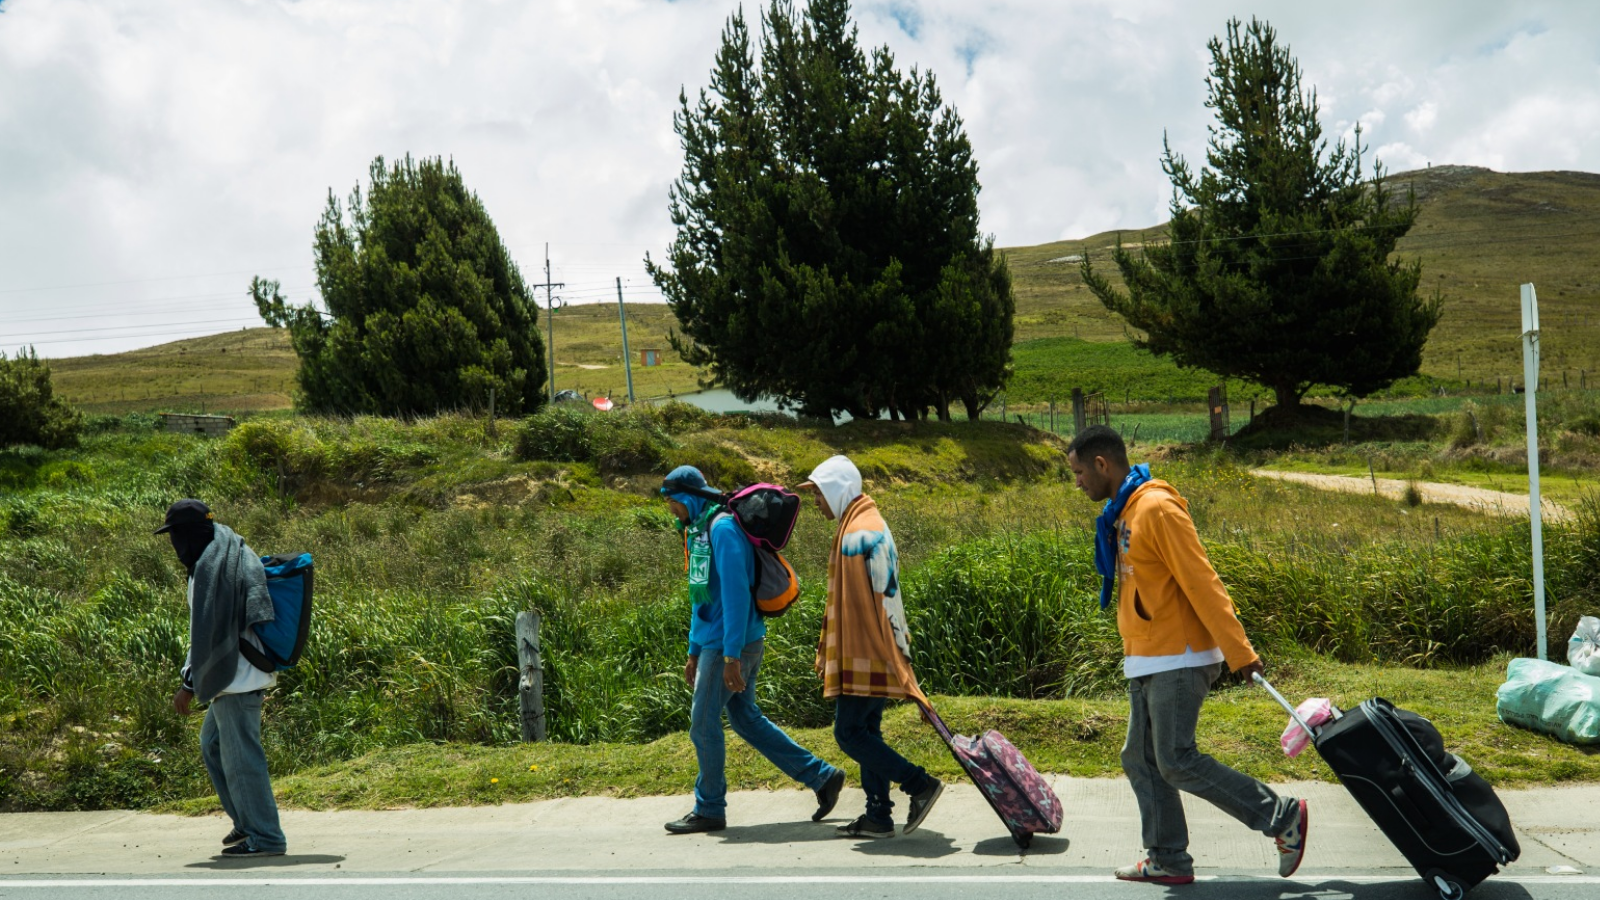 Conferencia Internacional de Donantes buscará ayudar a migrantes y refugiados venezolanos